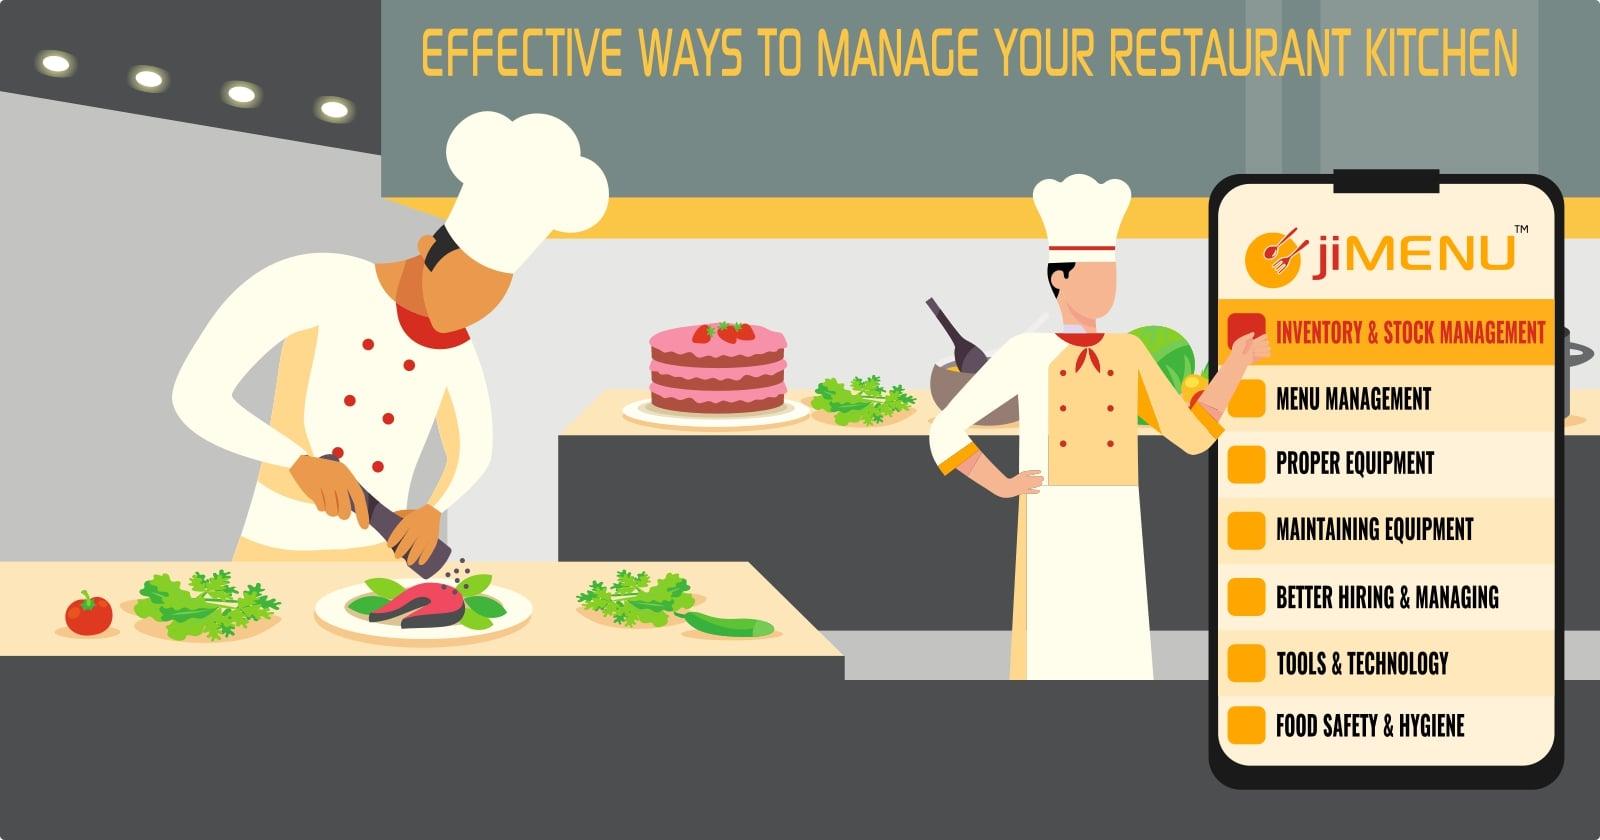 Kitchen Management: The Best Ways to Manage to Your Restaurant Kitchen